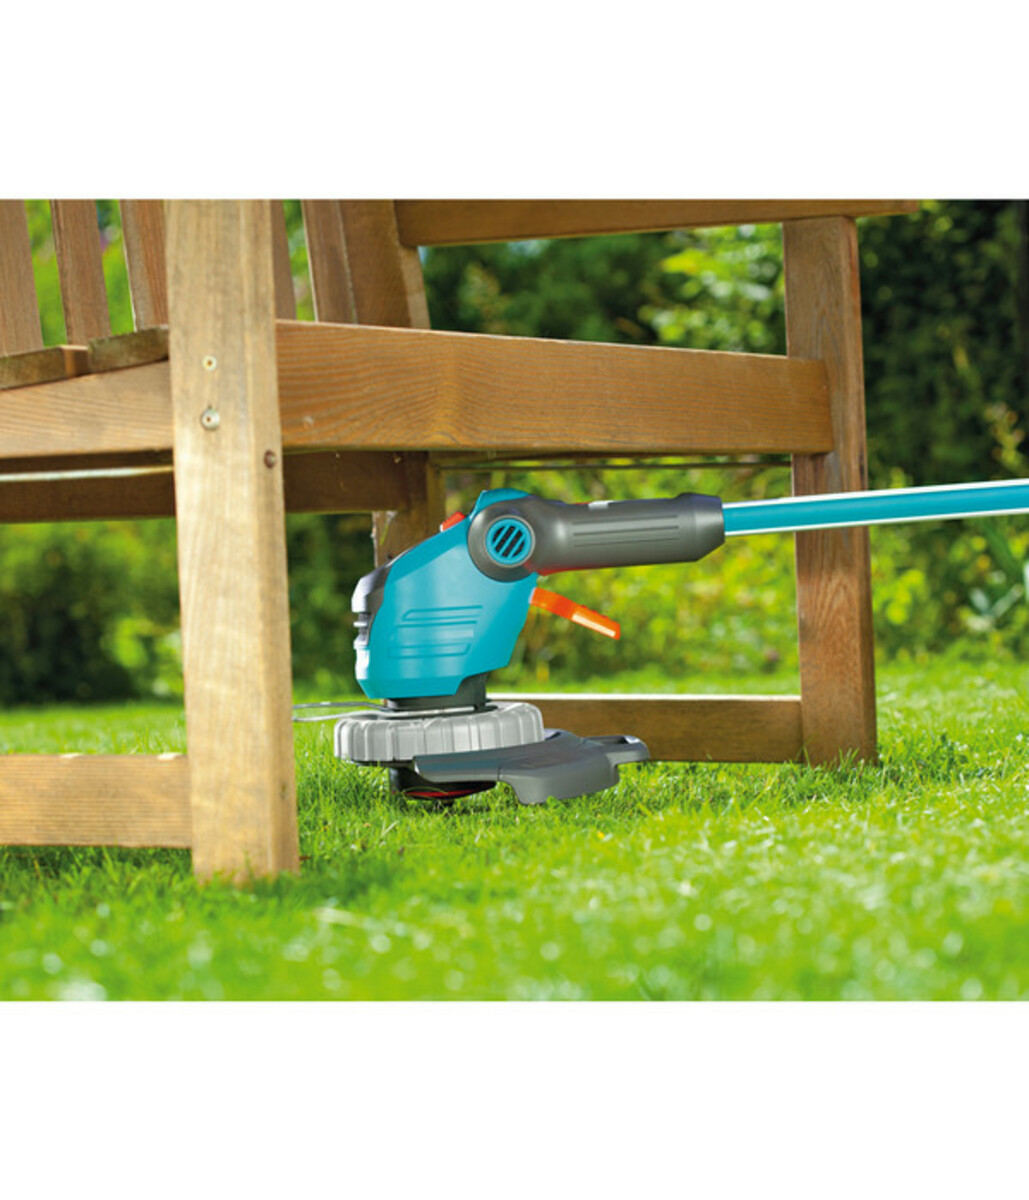 Bild 3 von GARDENA Turbotrimmer Comfort Cut Plus 500/27